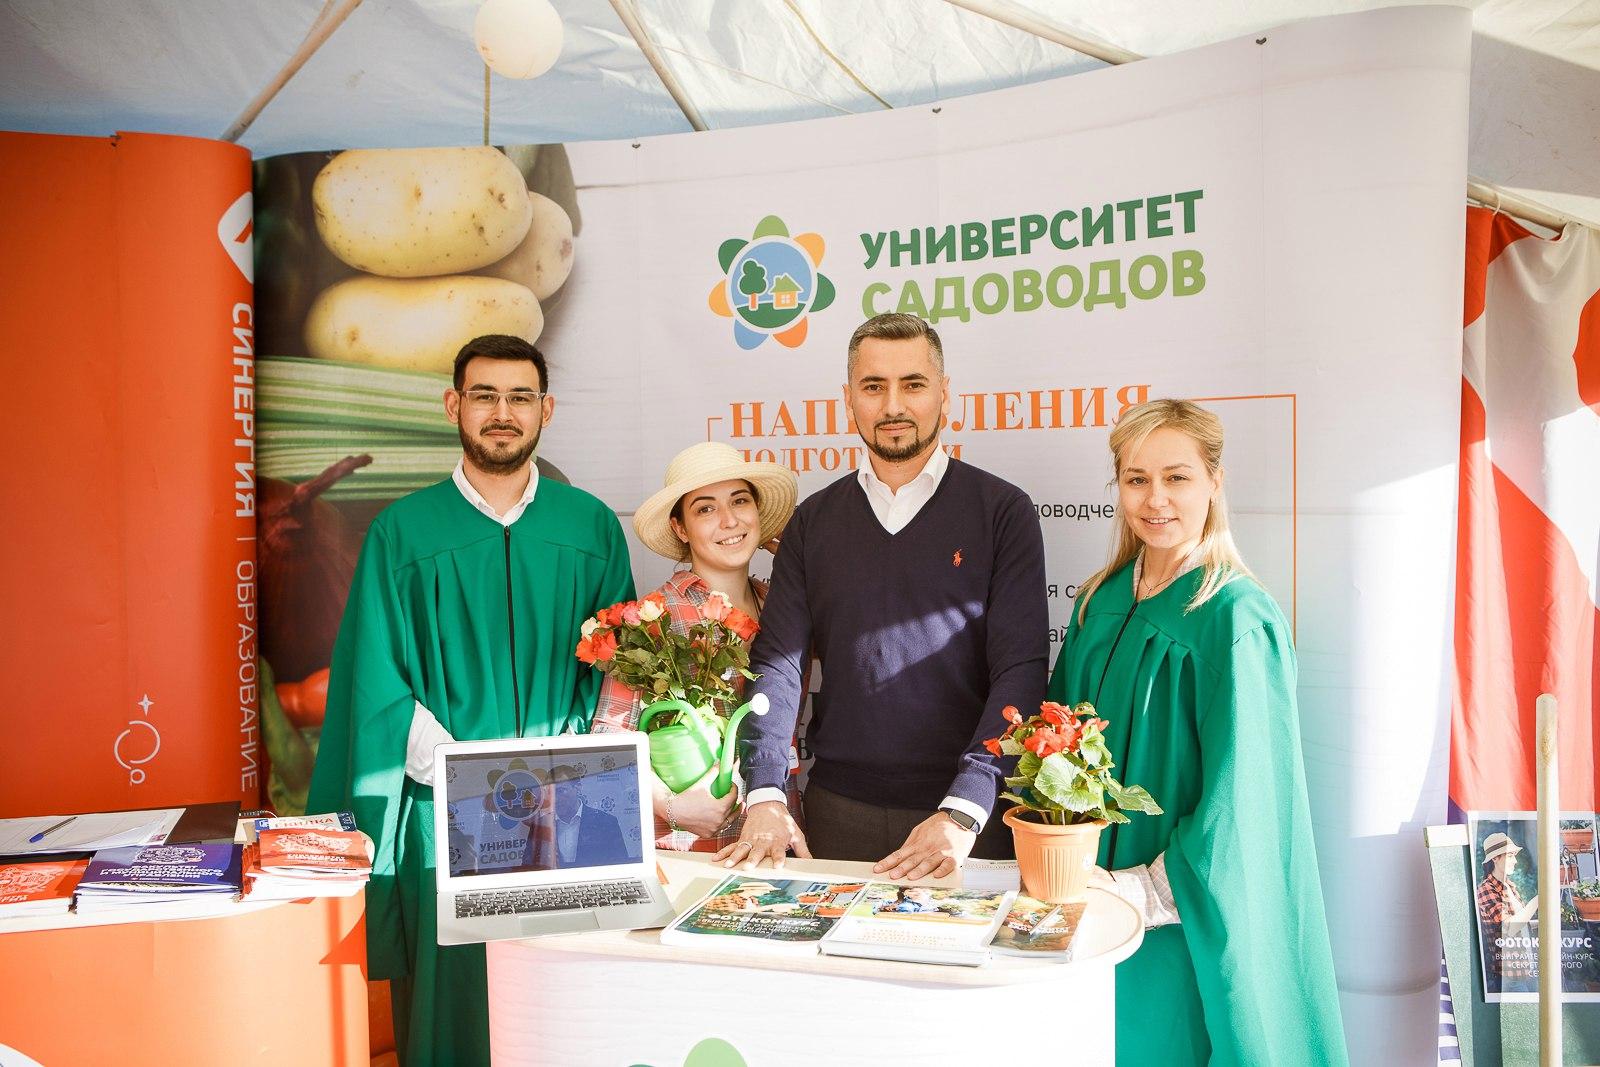 Коллектив Университета Садоводов на фестивале Гринландия